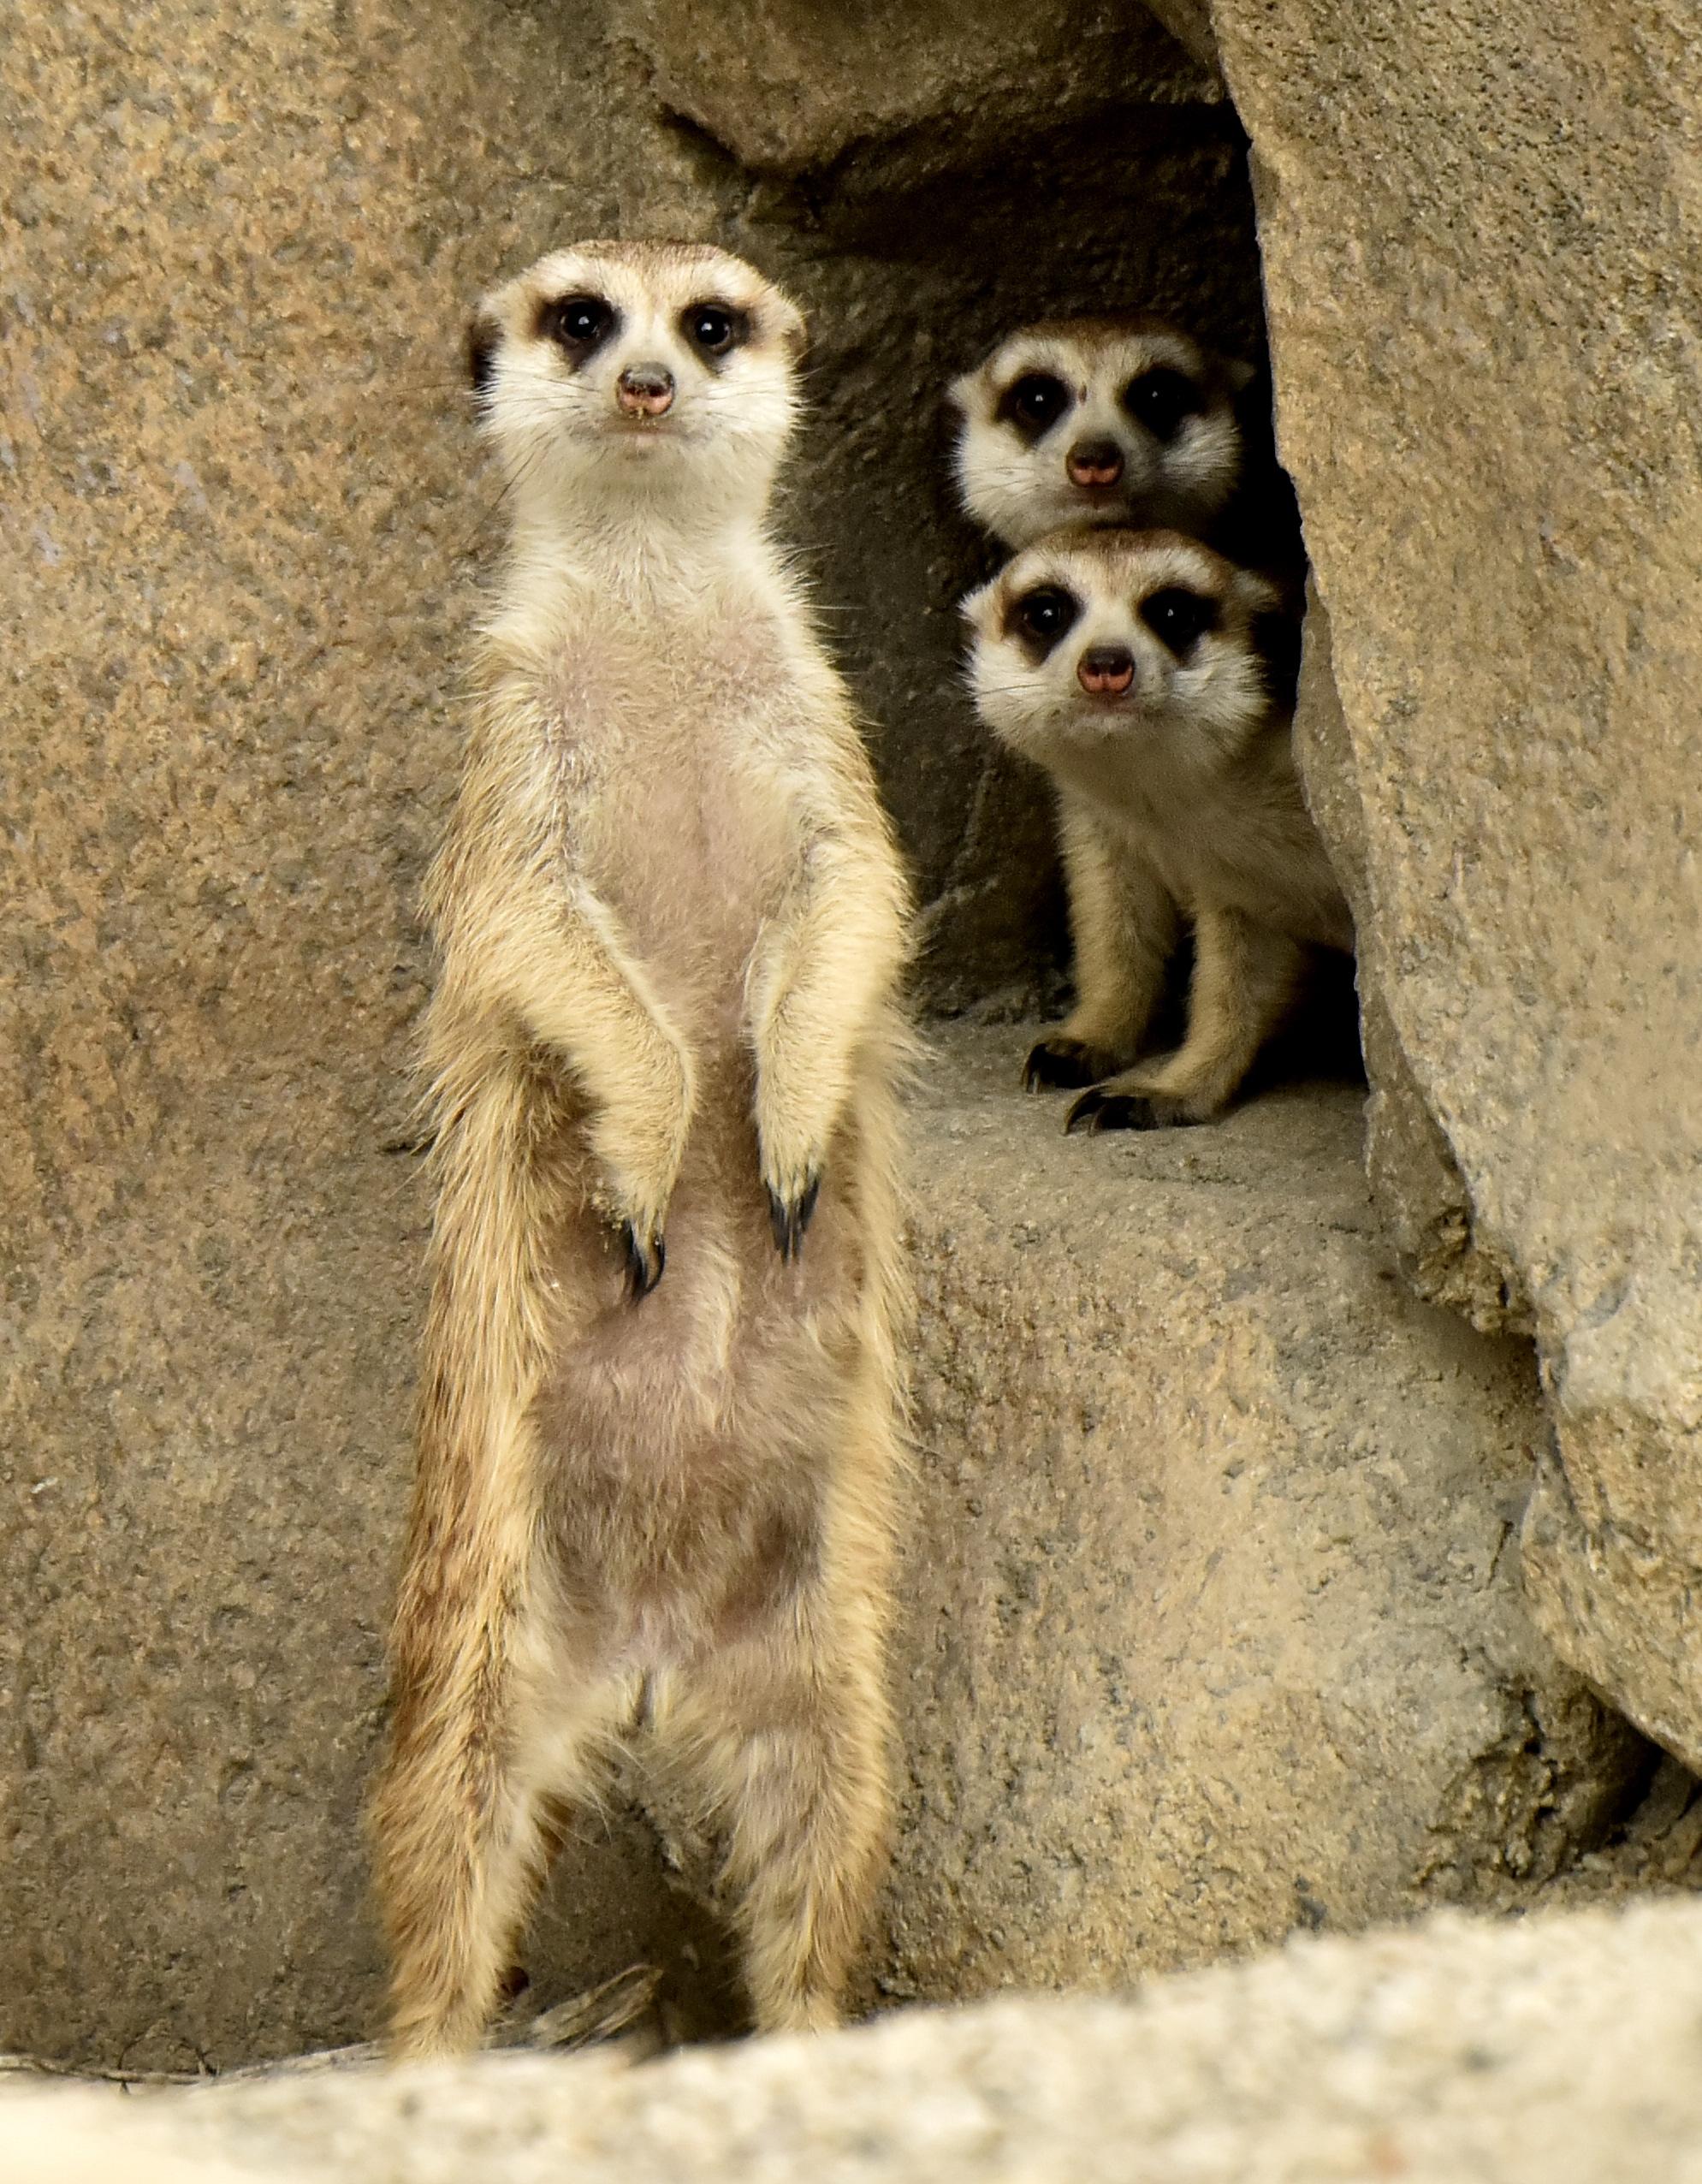 Meerkat Cincinnati Zoo Amp Botanical Garden 174